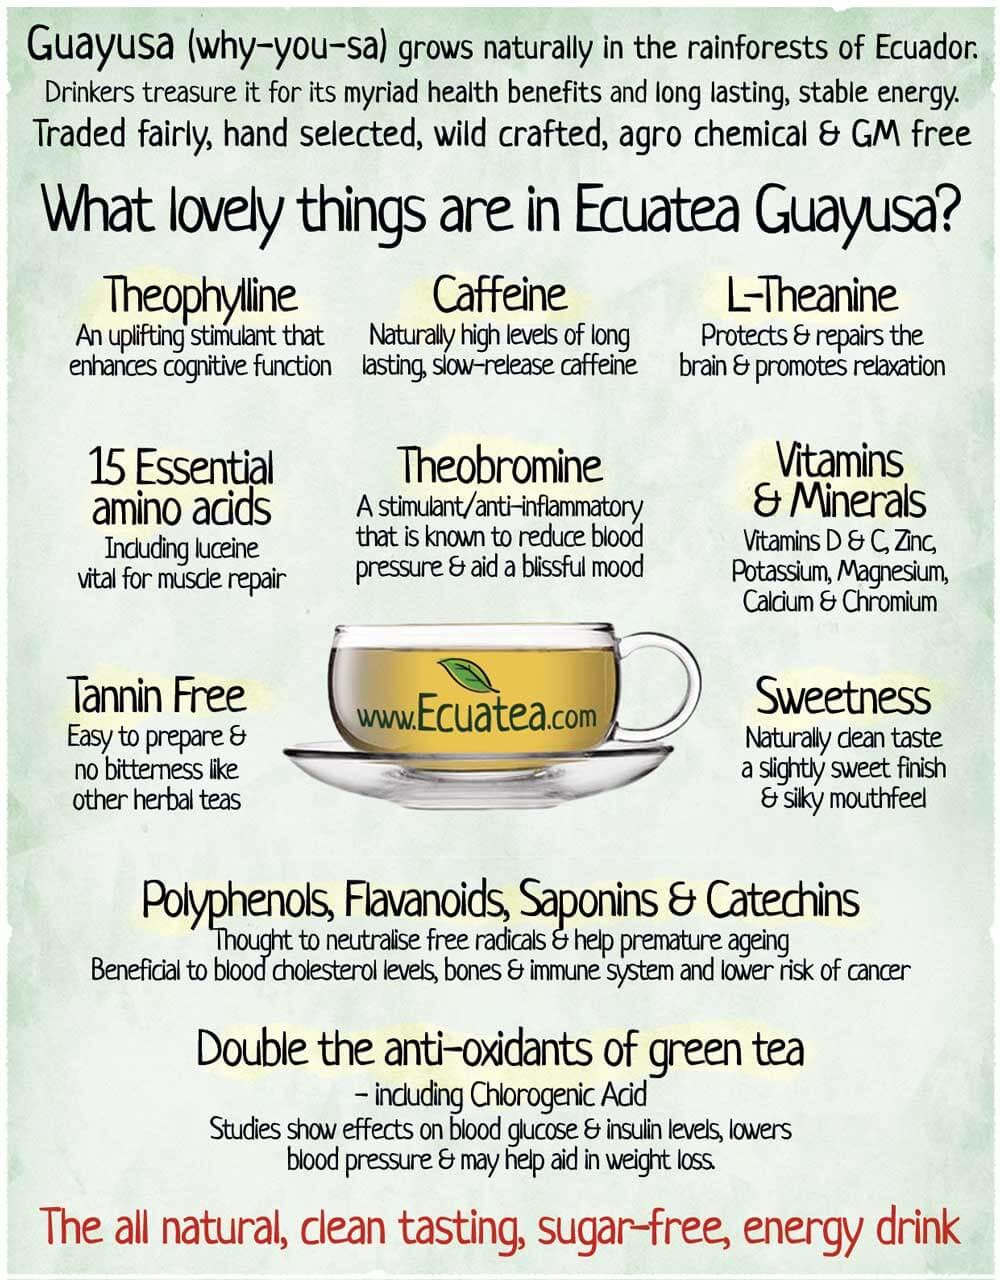 guayusa-info